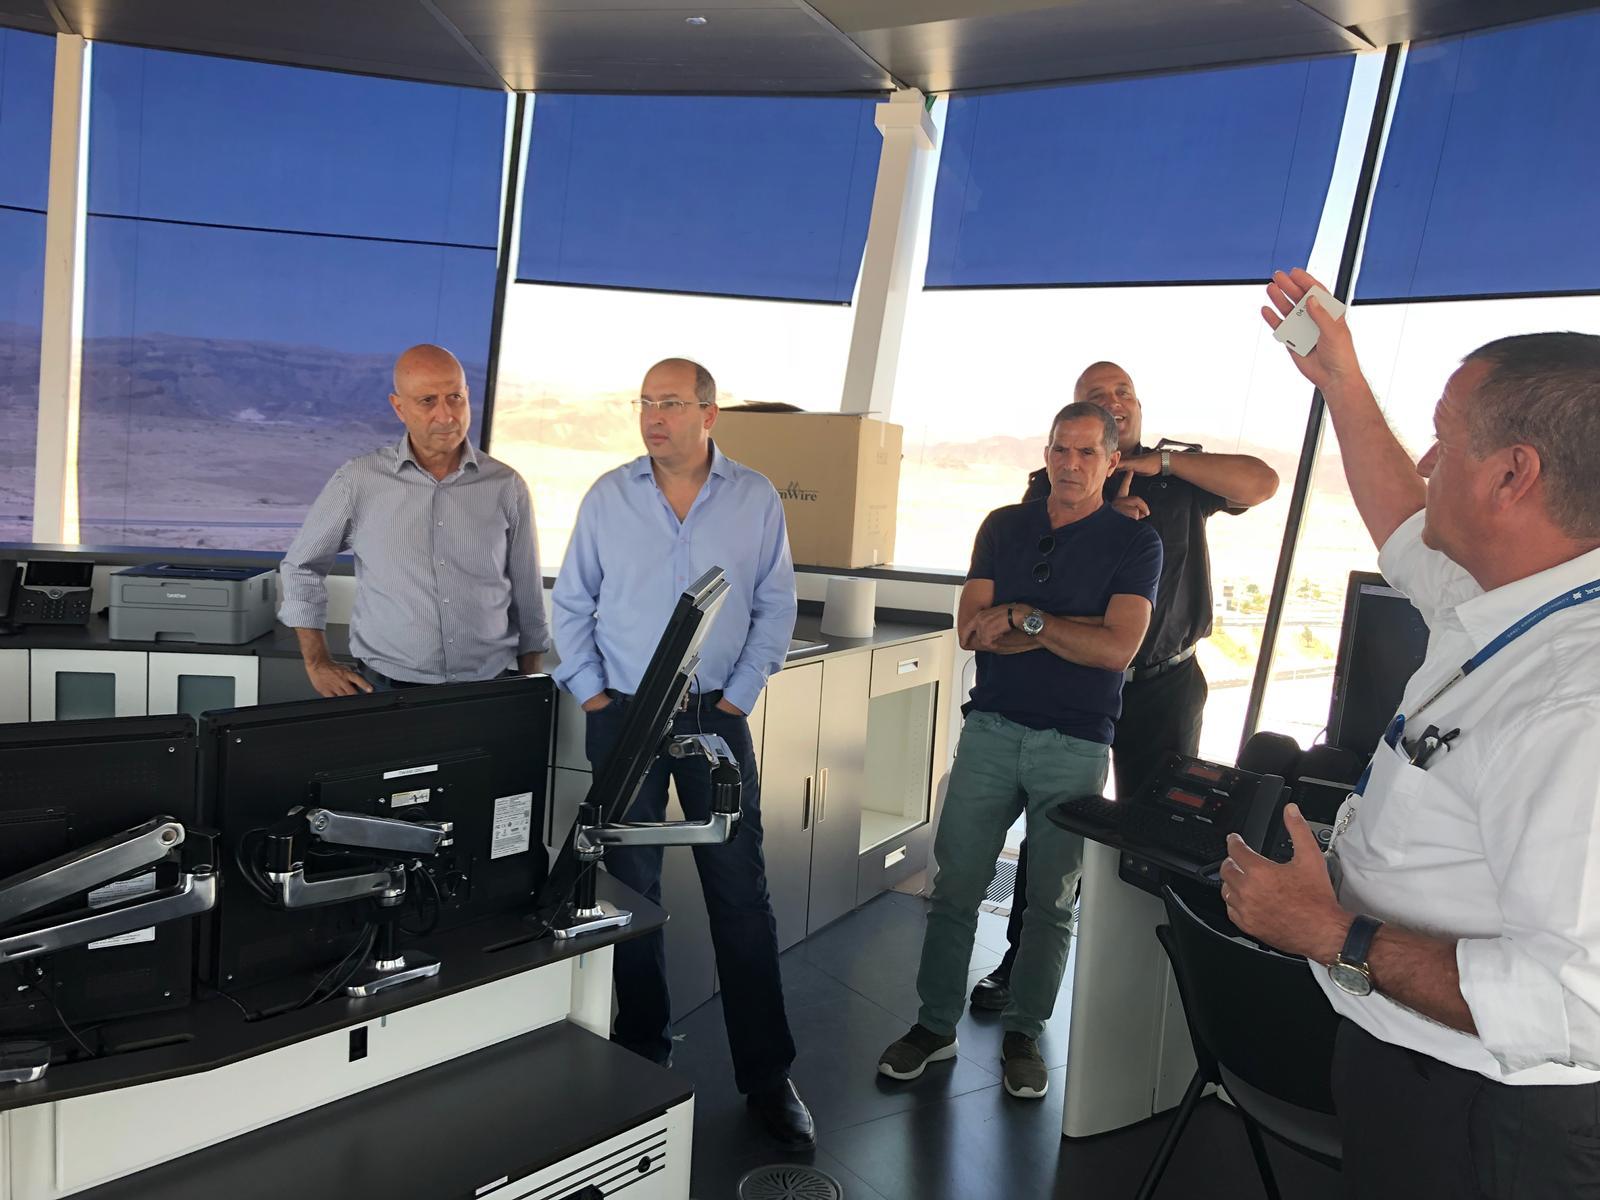 יו''ר ההסתדרות ניסנקורן בשדה התעופה רמון: ''השדה החדש יהיה לקטר התעסוקה של העיר אילת''